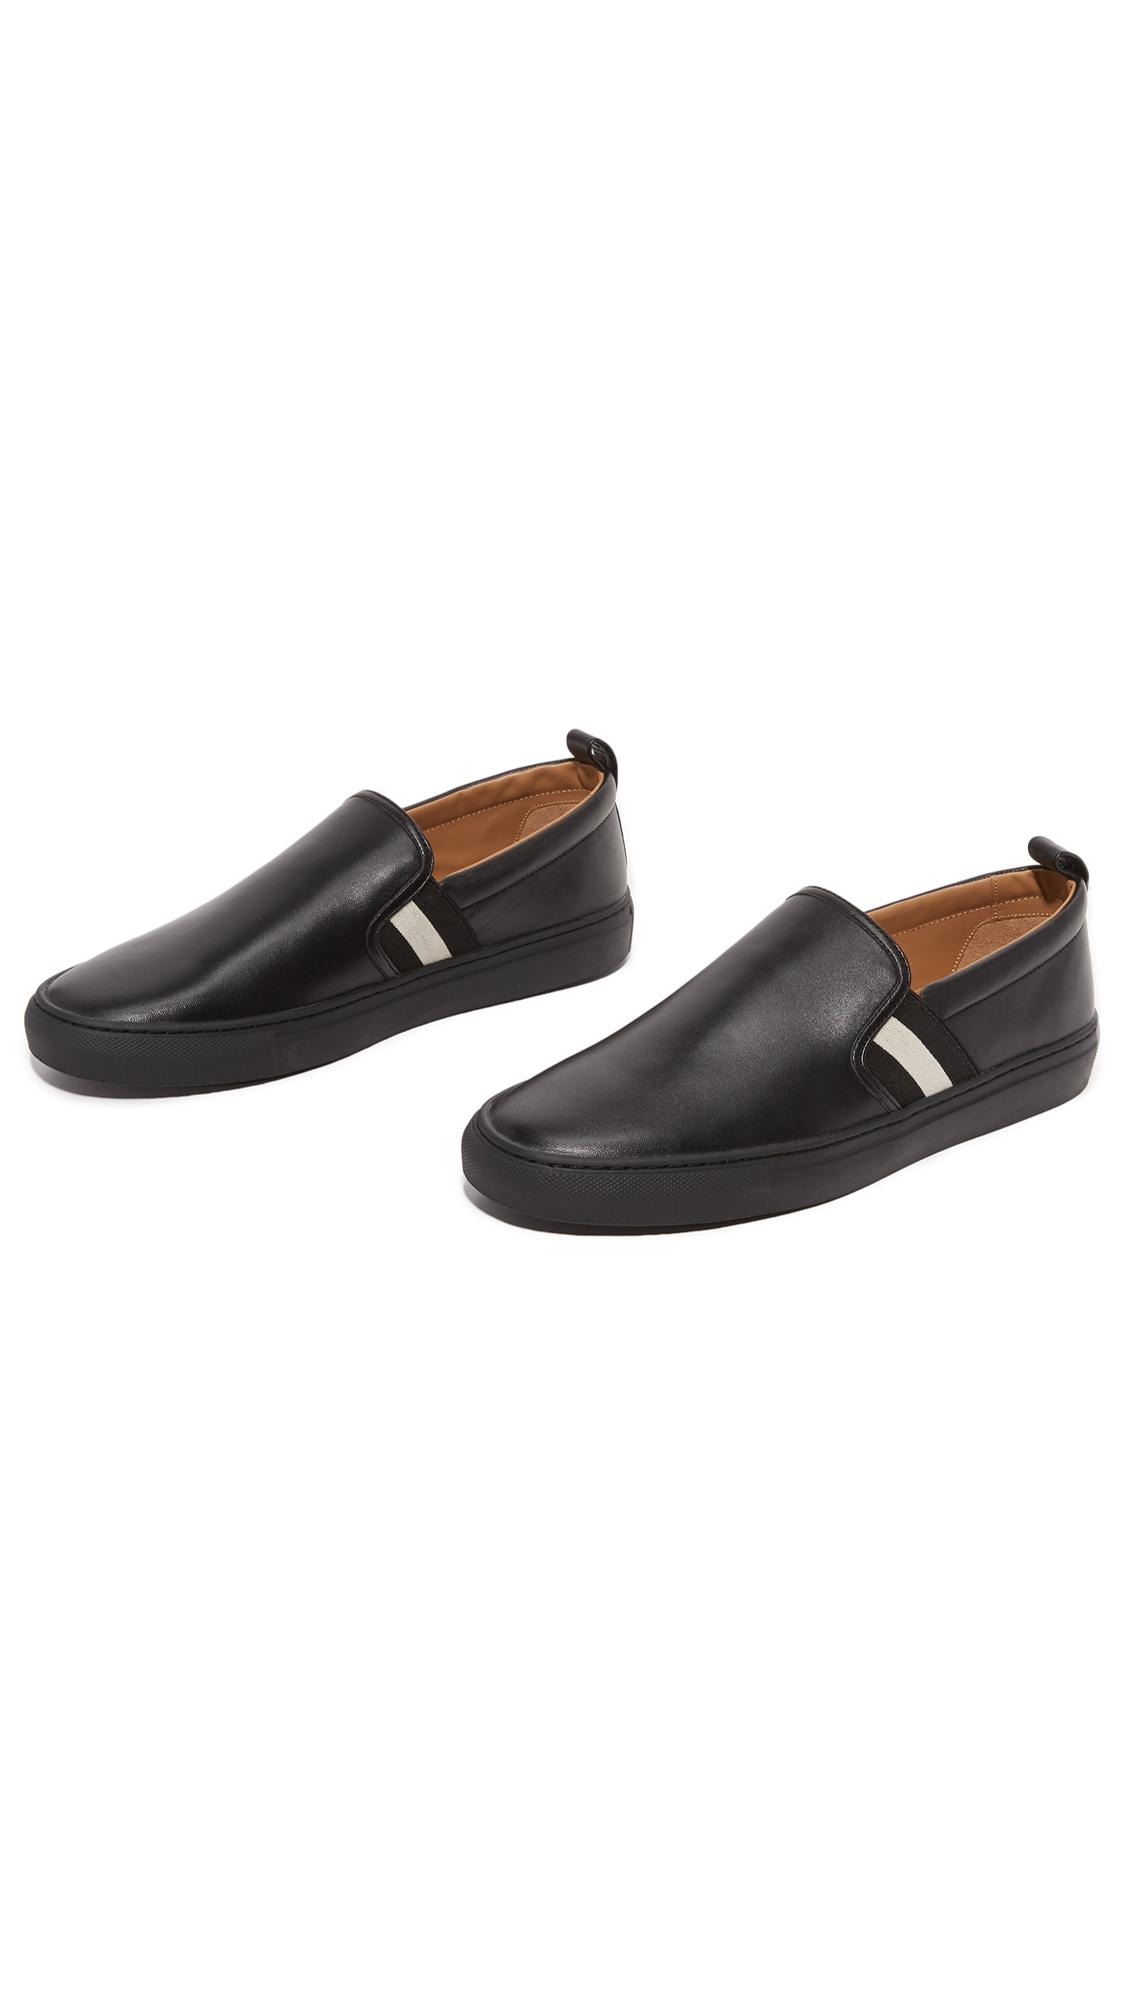 0918b83e6b465 Bally Herald Slip On Sneakers   EAST DANE